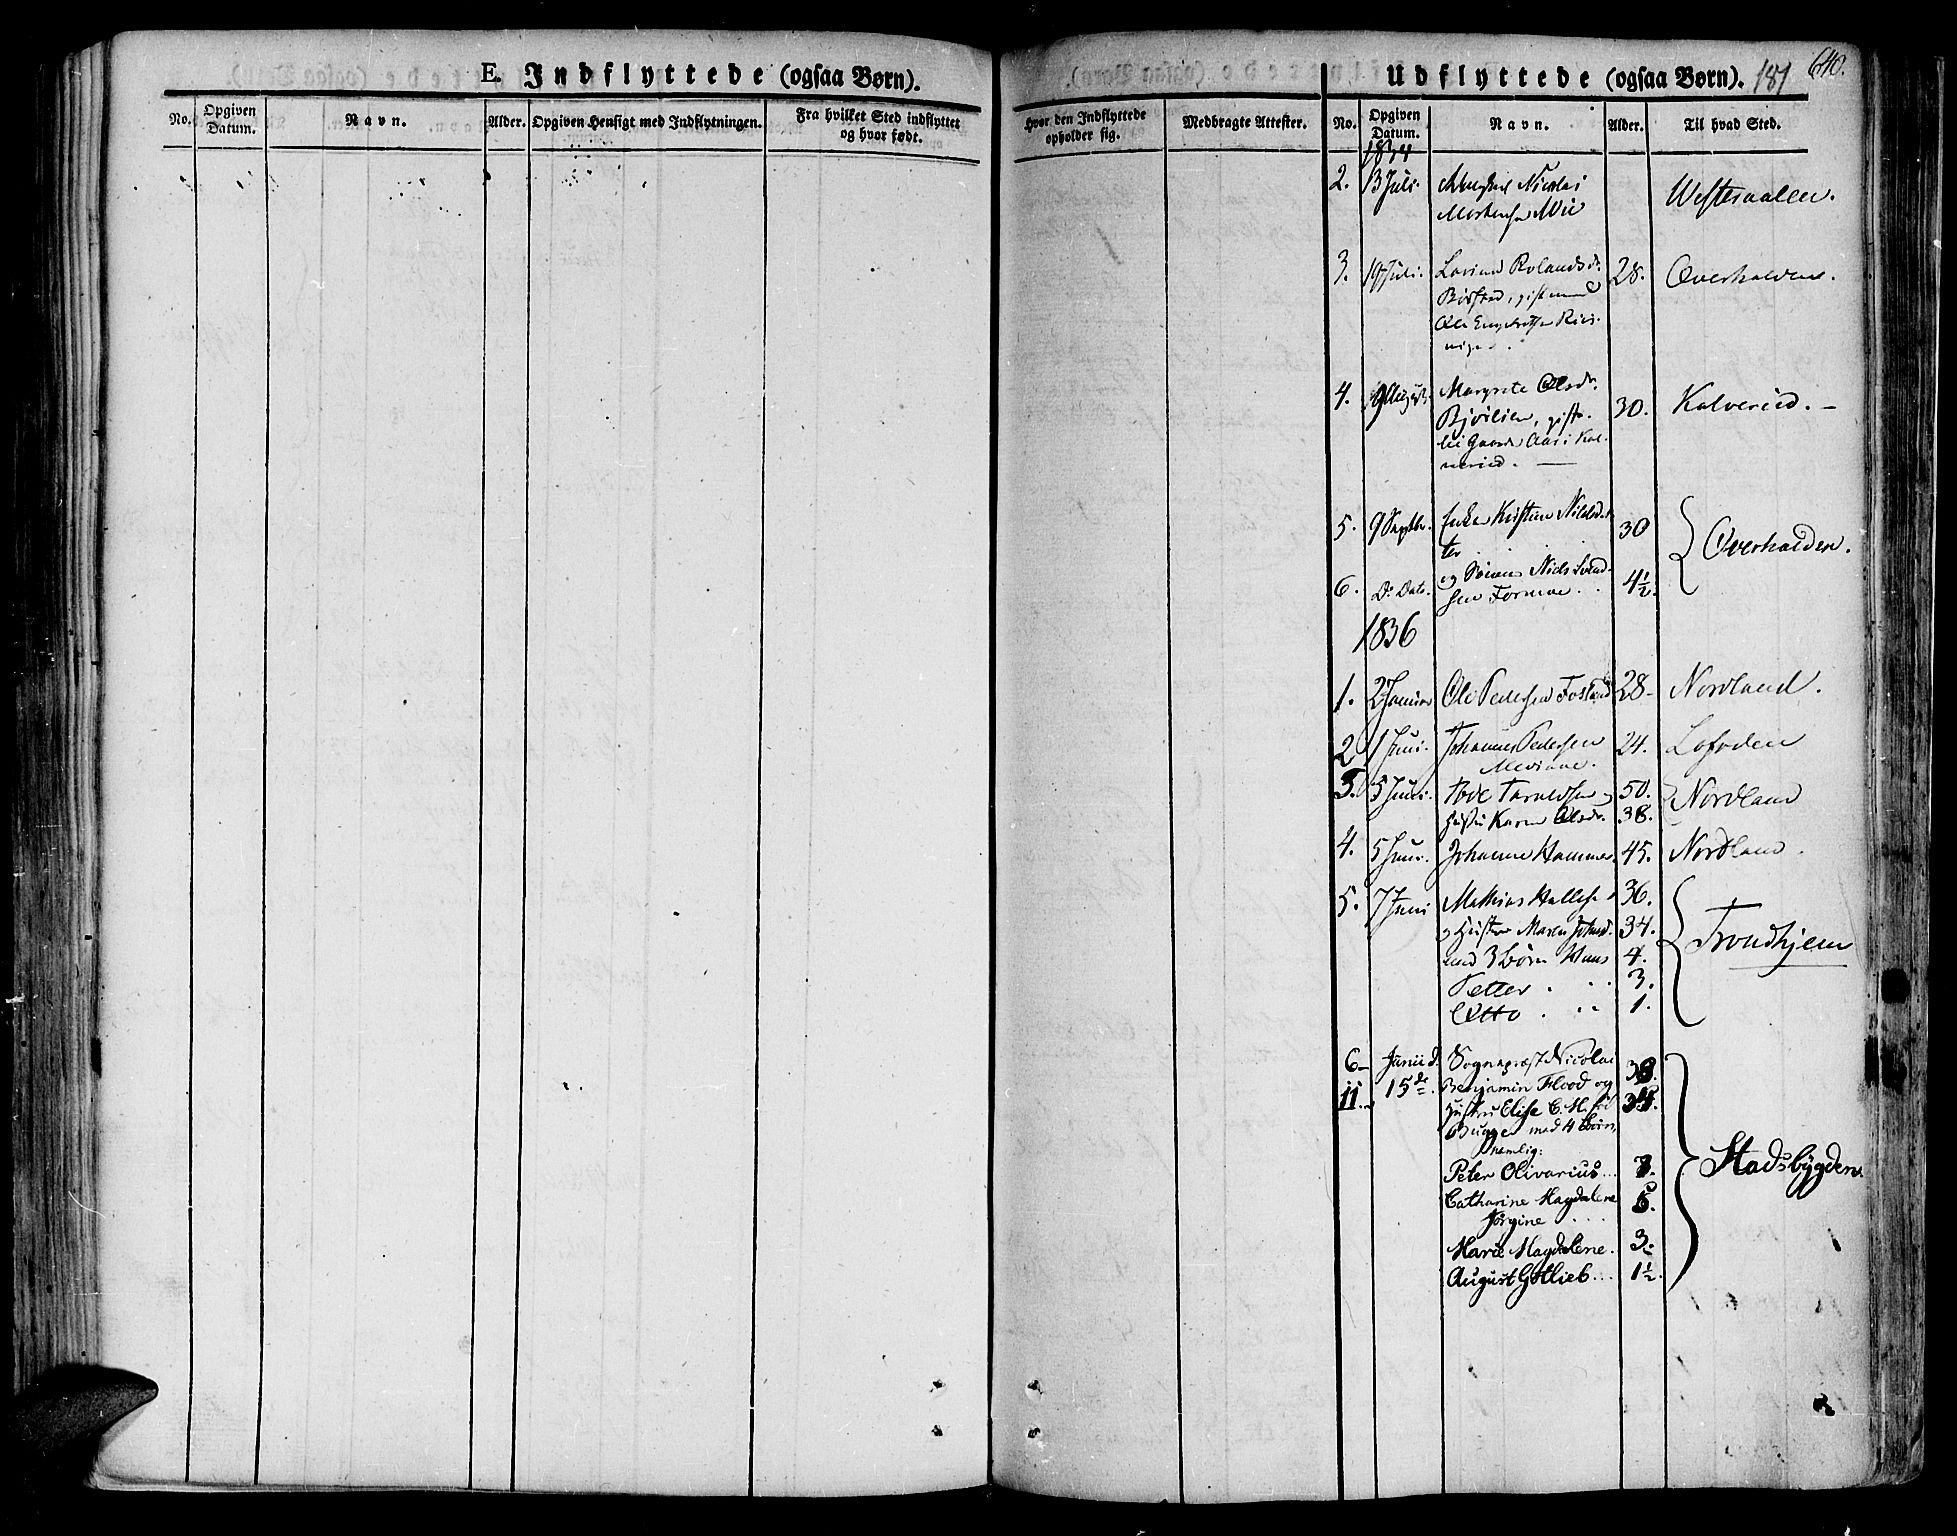 SAT, Ministerialprotokoller, klokkerbøker og fødselsregistre - Nord-Trøndelag, 758/L0510: Ministerialbok nr. 758A01 /1, 1821-1841, s. 181